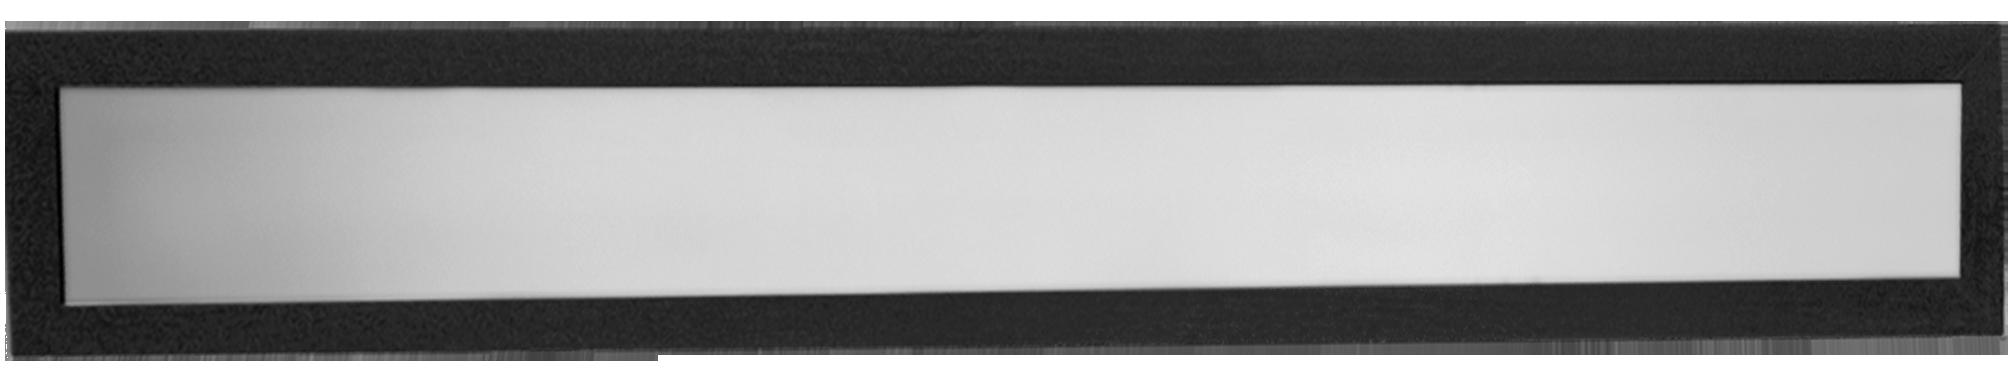 Светильник встраиваемый SQUARE BS555/B960x150